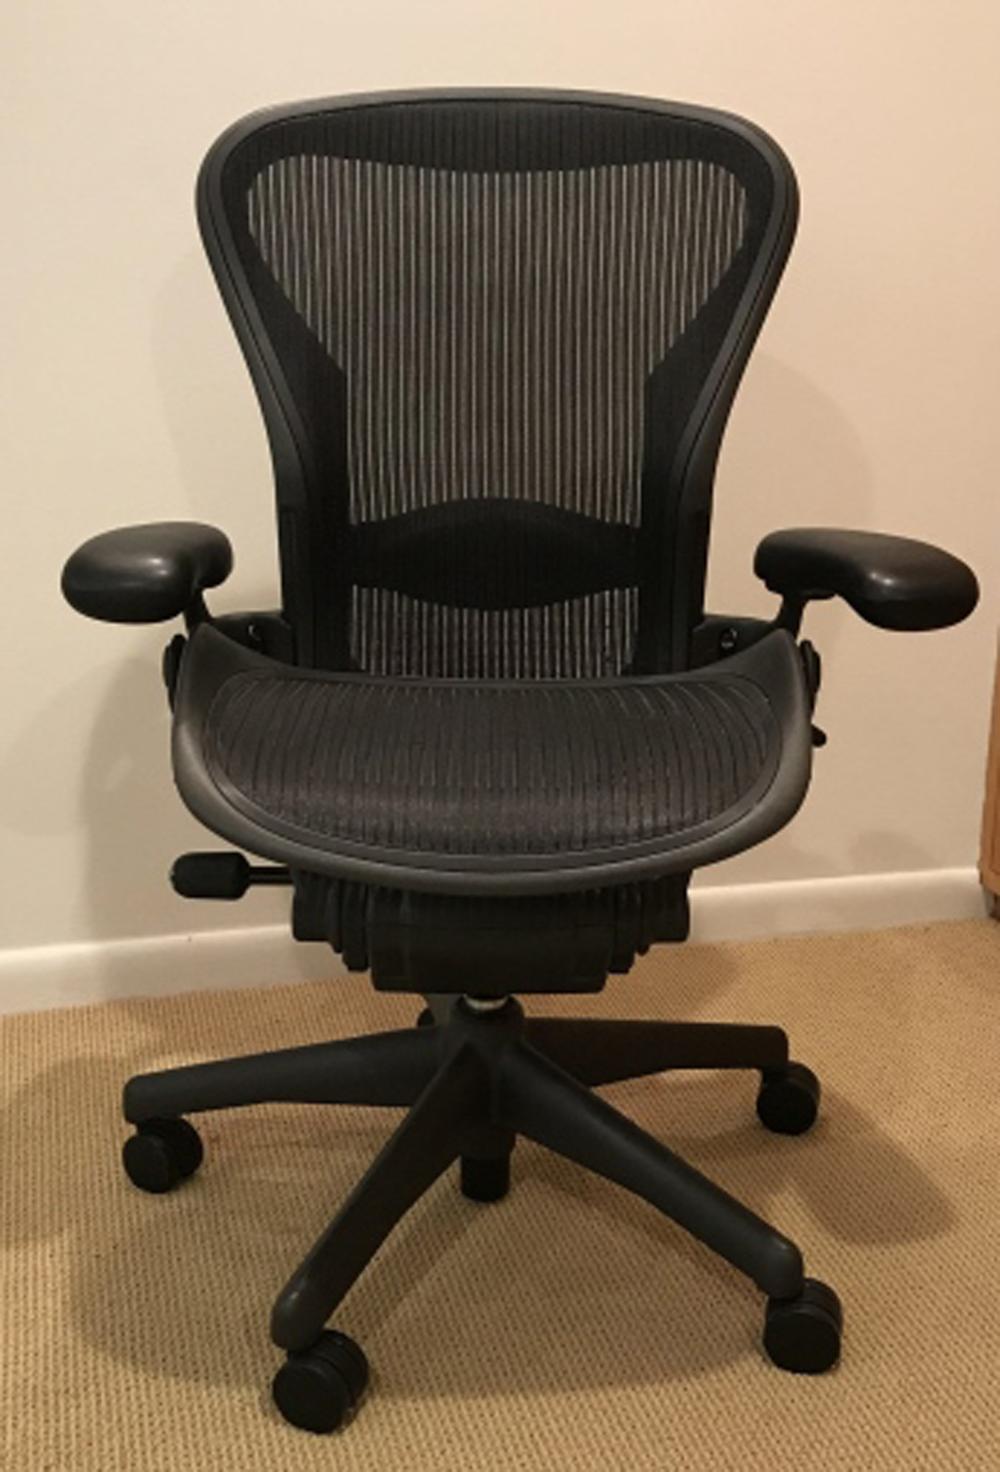 Astounding Herman Miller Aeron Desk Chair Forskolin Free Trial Chair Design Images Forskolin Free Trialorg